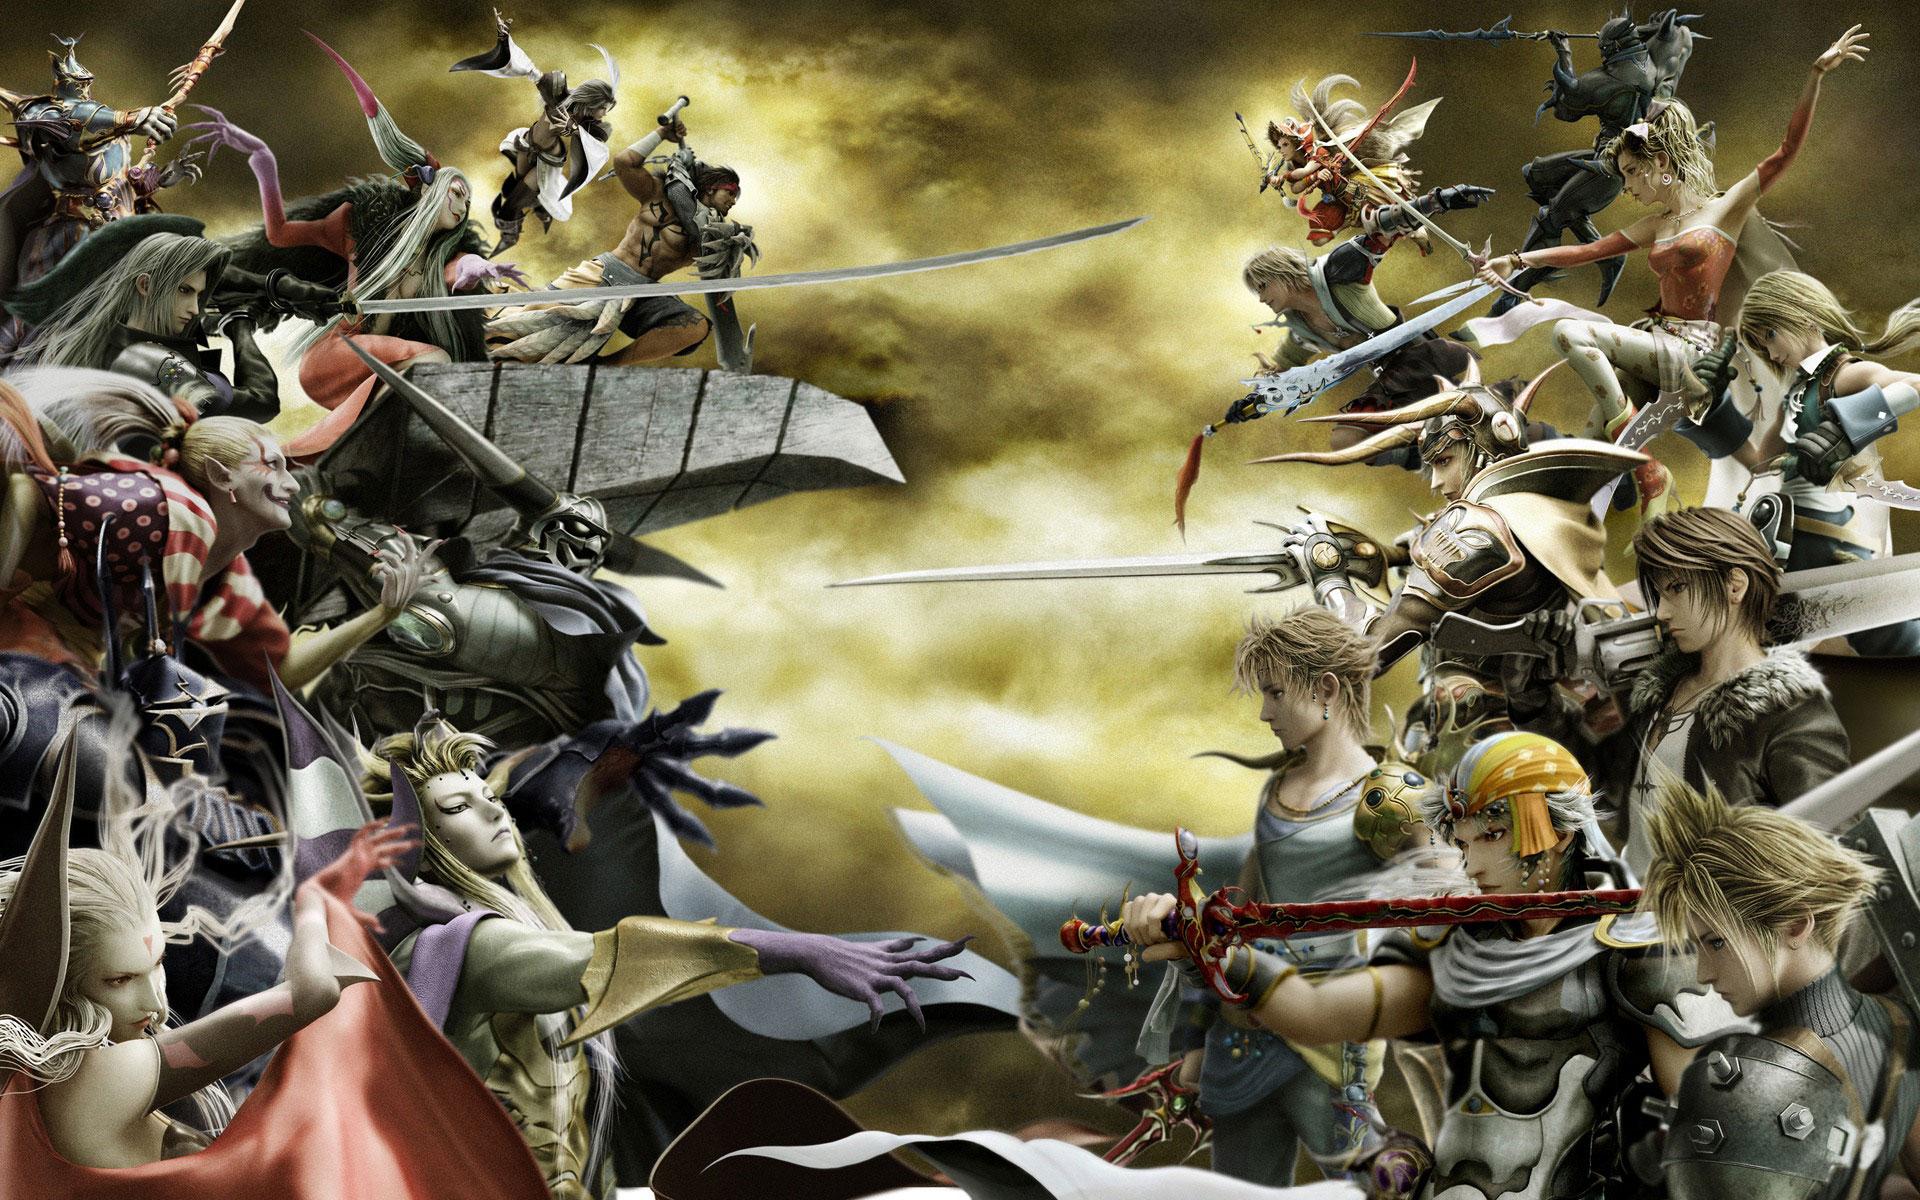 最终幻想15超清壁纸 最终幻想1080p壁纸 最终幻想7超清壁纸